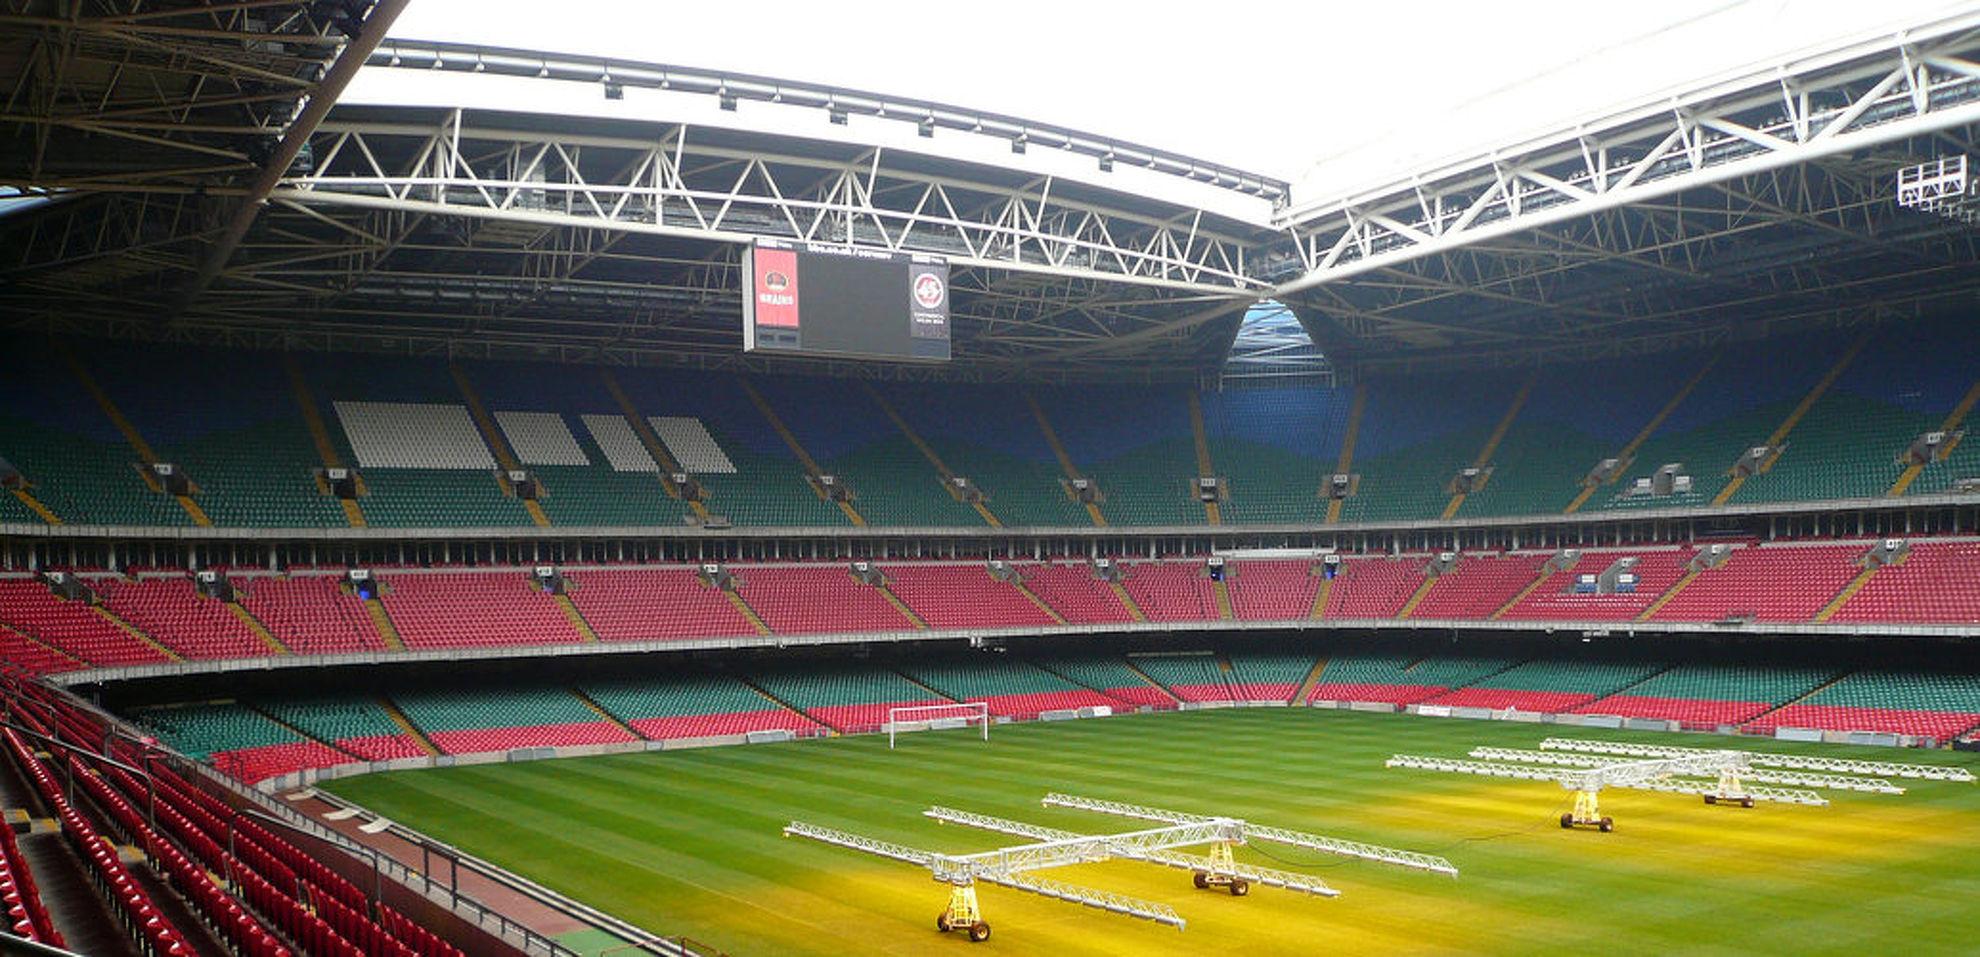 Explore Millennium Stadium